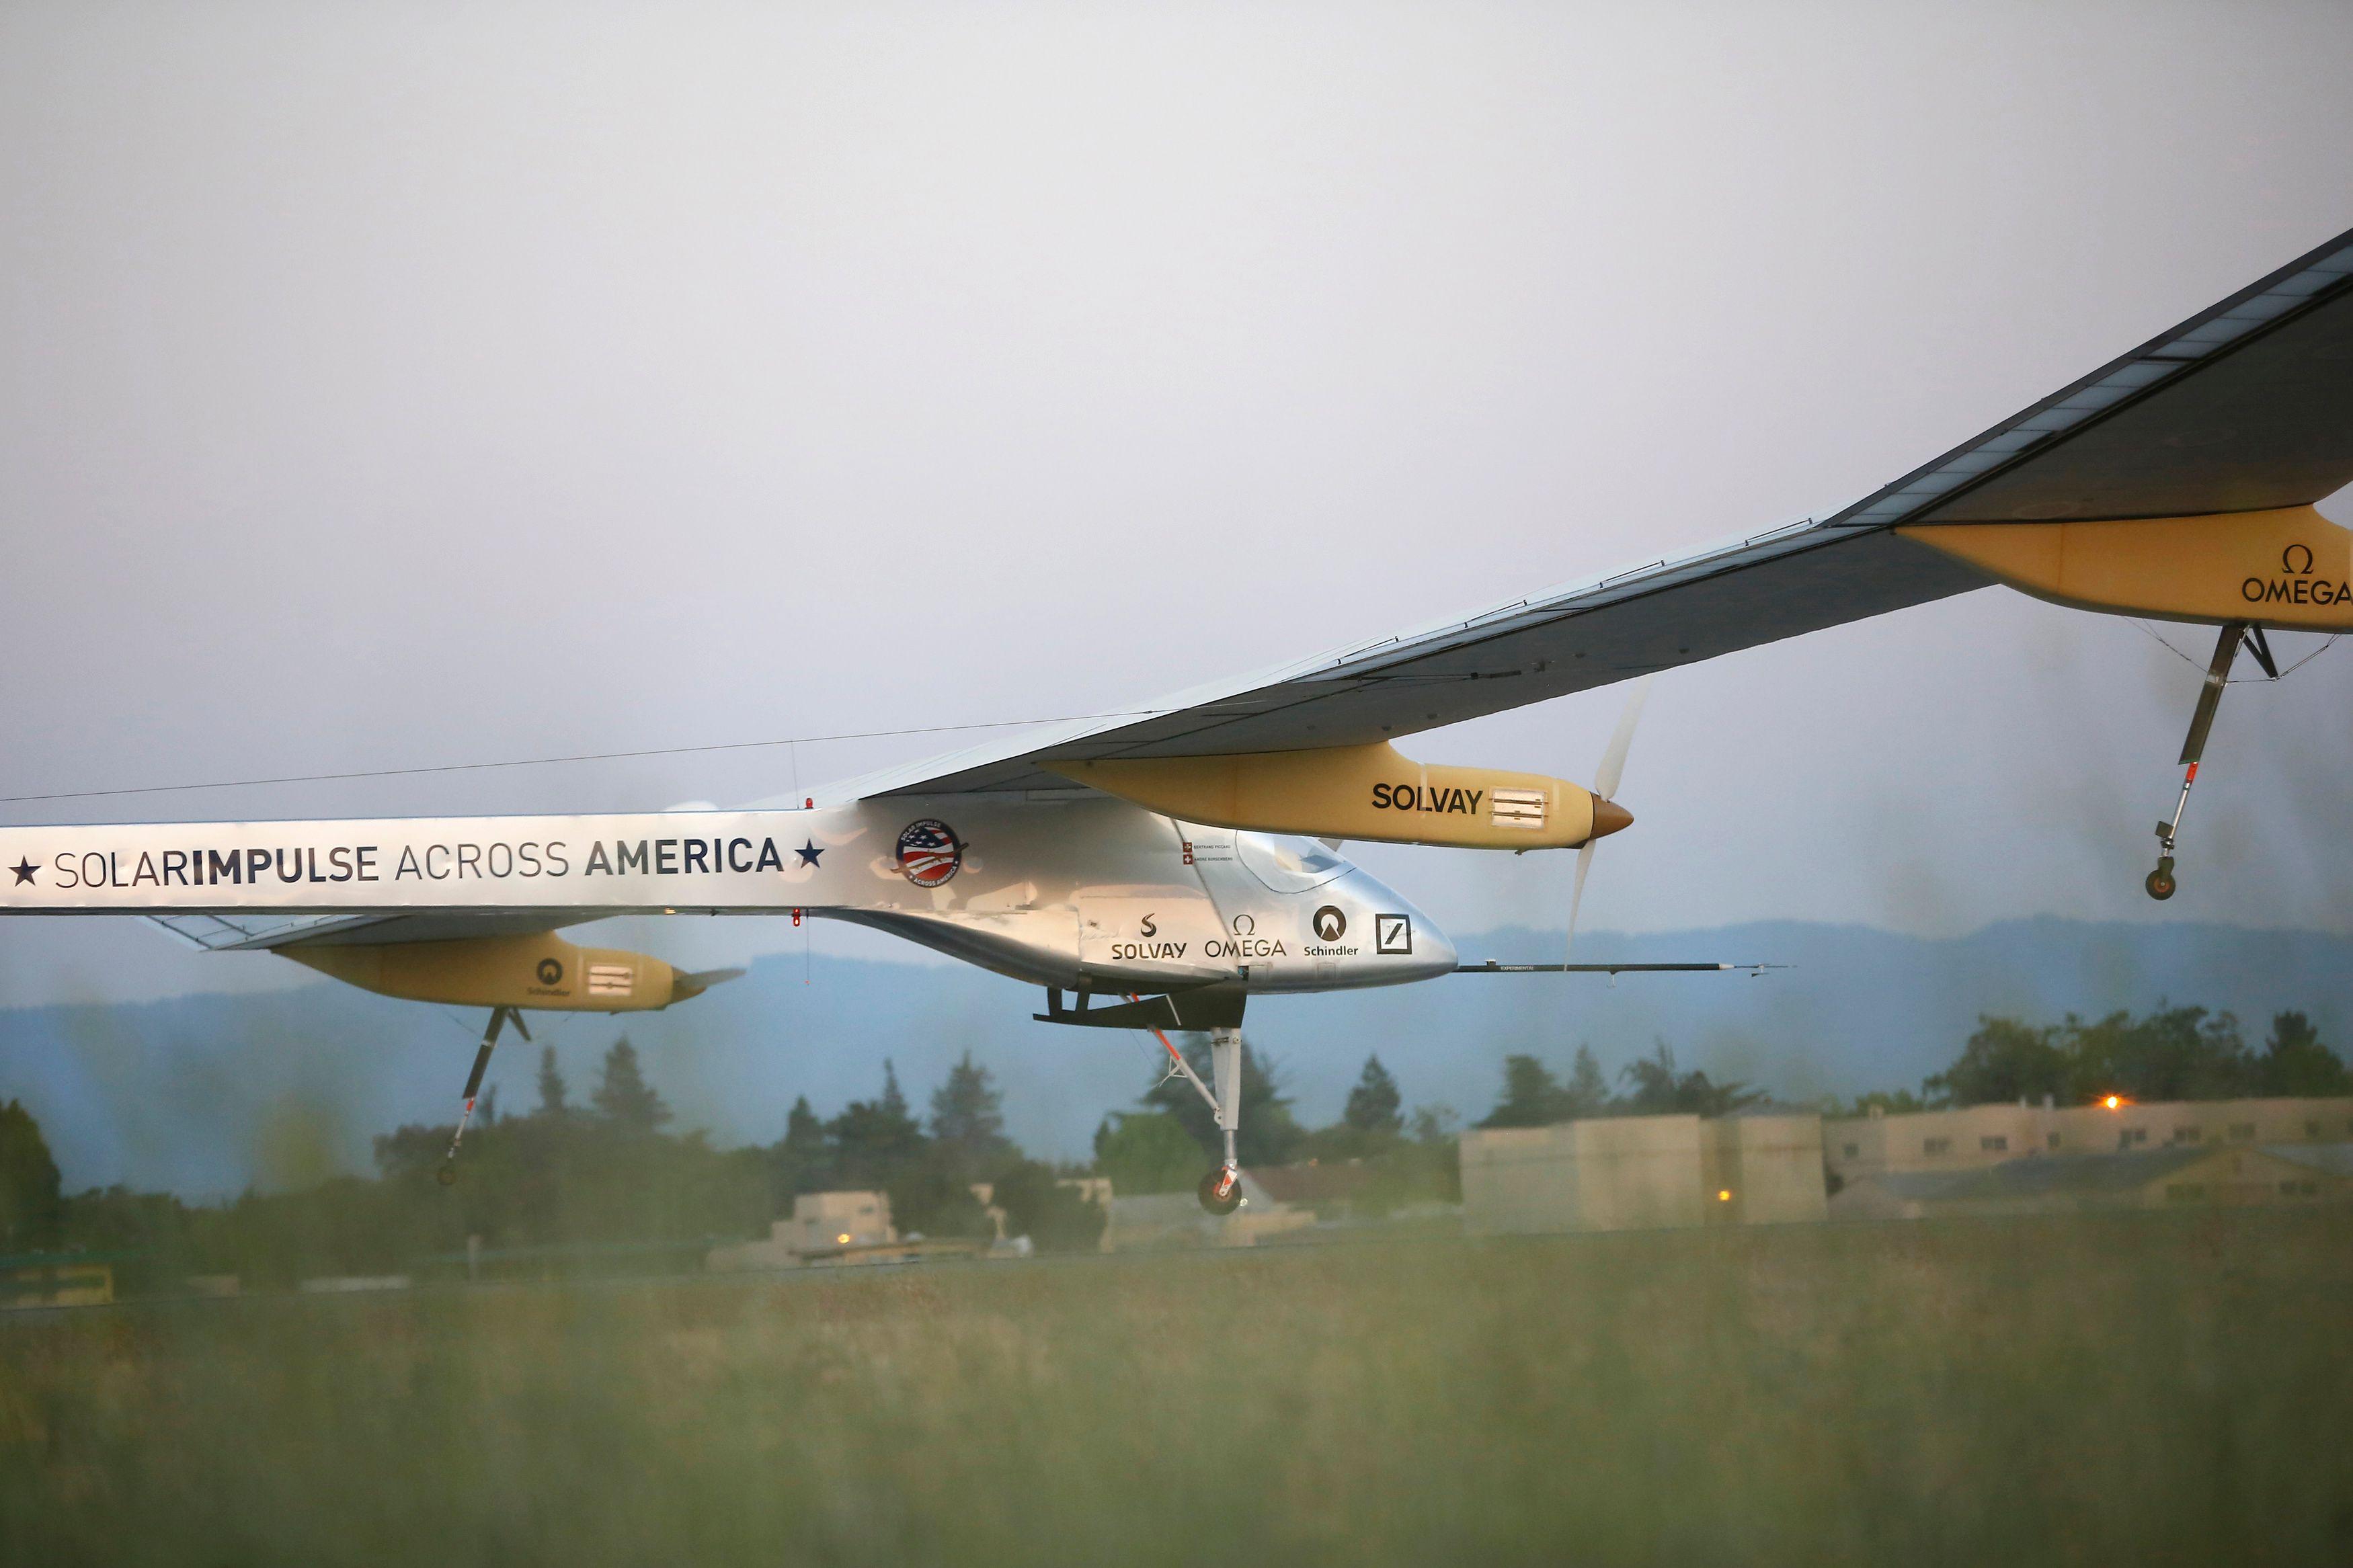 Le Solar Impulse est un avion solaire. Il effectue actuellement un périple à travers les Etats-Unis.